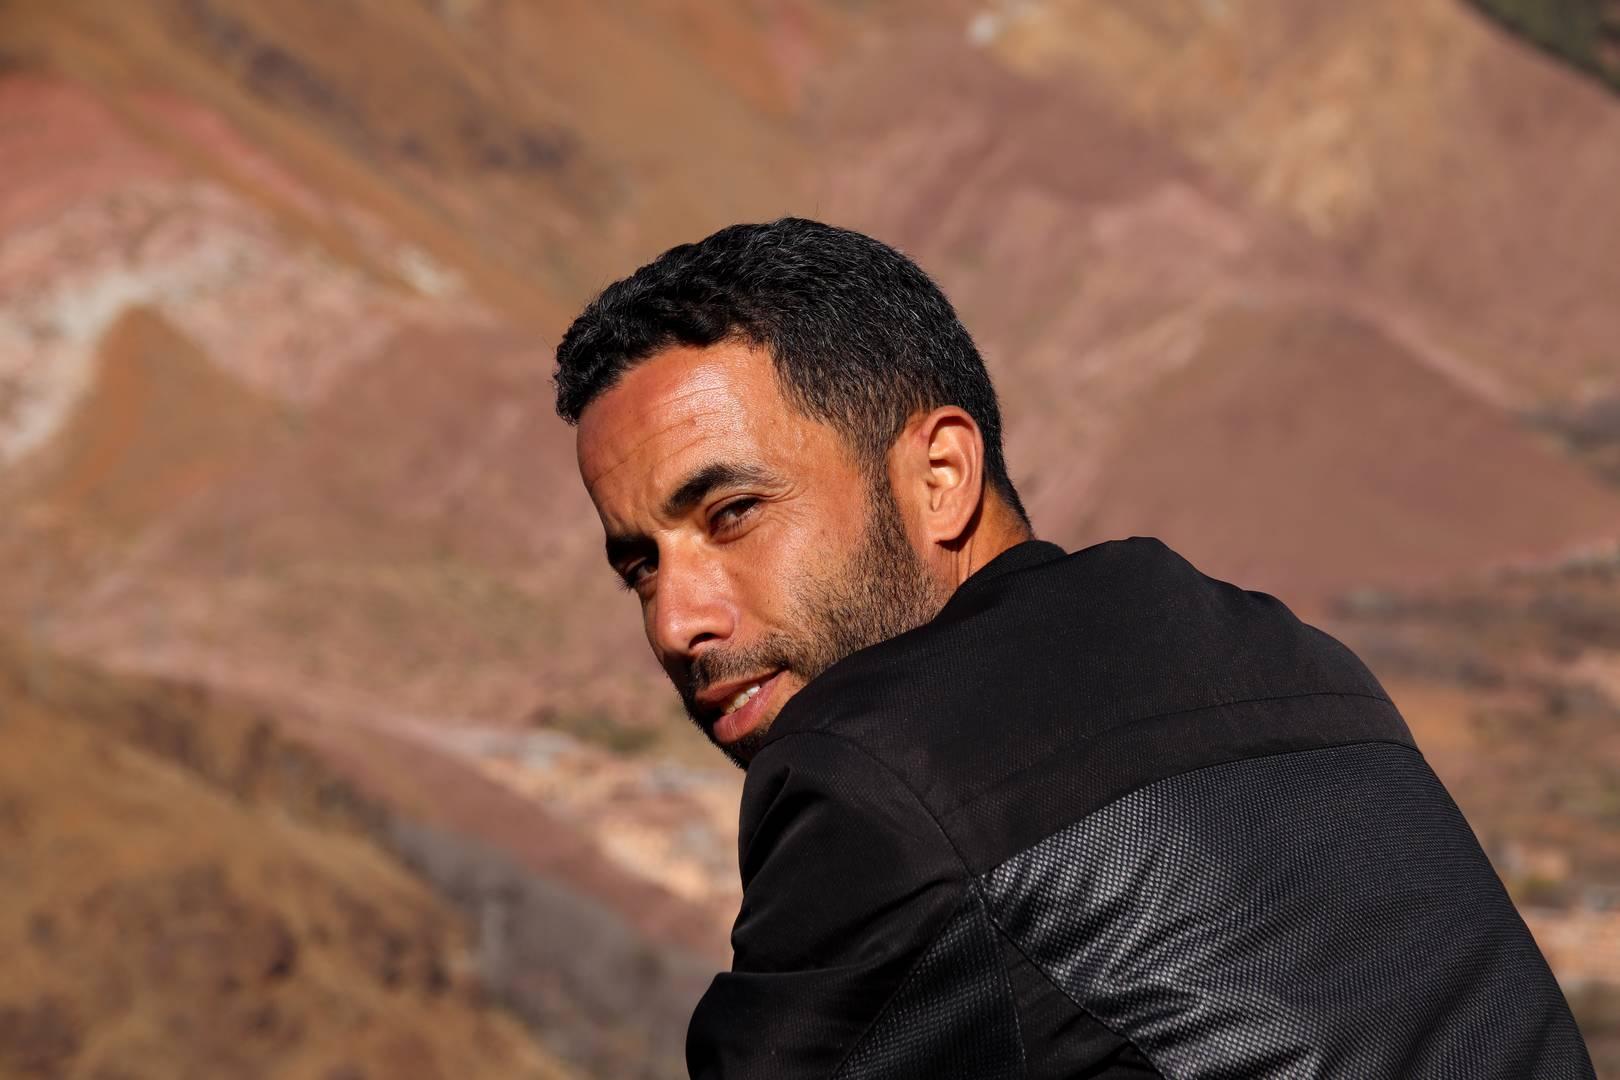 Maroc - Mohamed sur son rocher dans la vallée d'Imlil